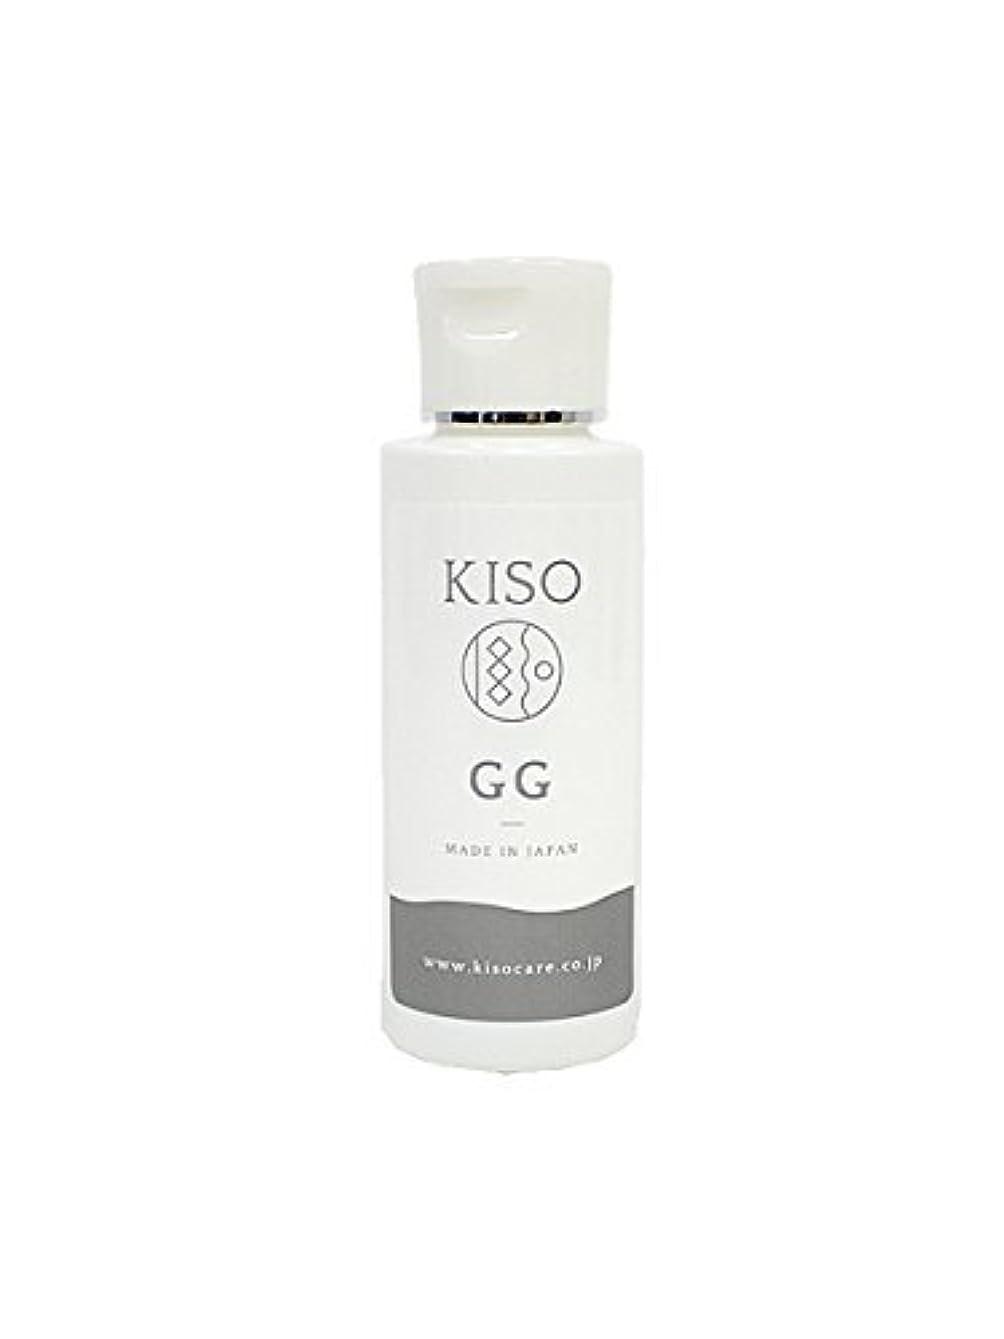 共和党奇跡的なお互いKISO グリシルグリシン5% 高配合美容水 【GGエッセンス 50mL】 肌のキメを整える?肌をひきしめる